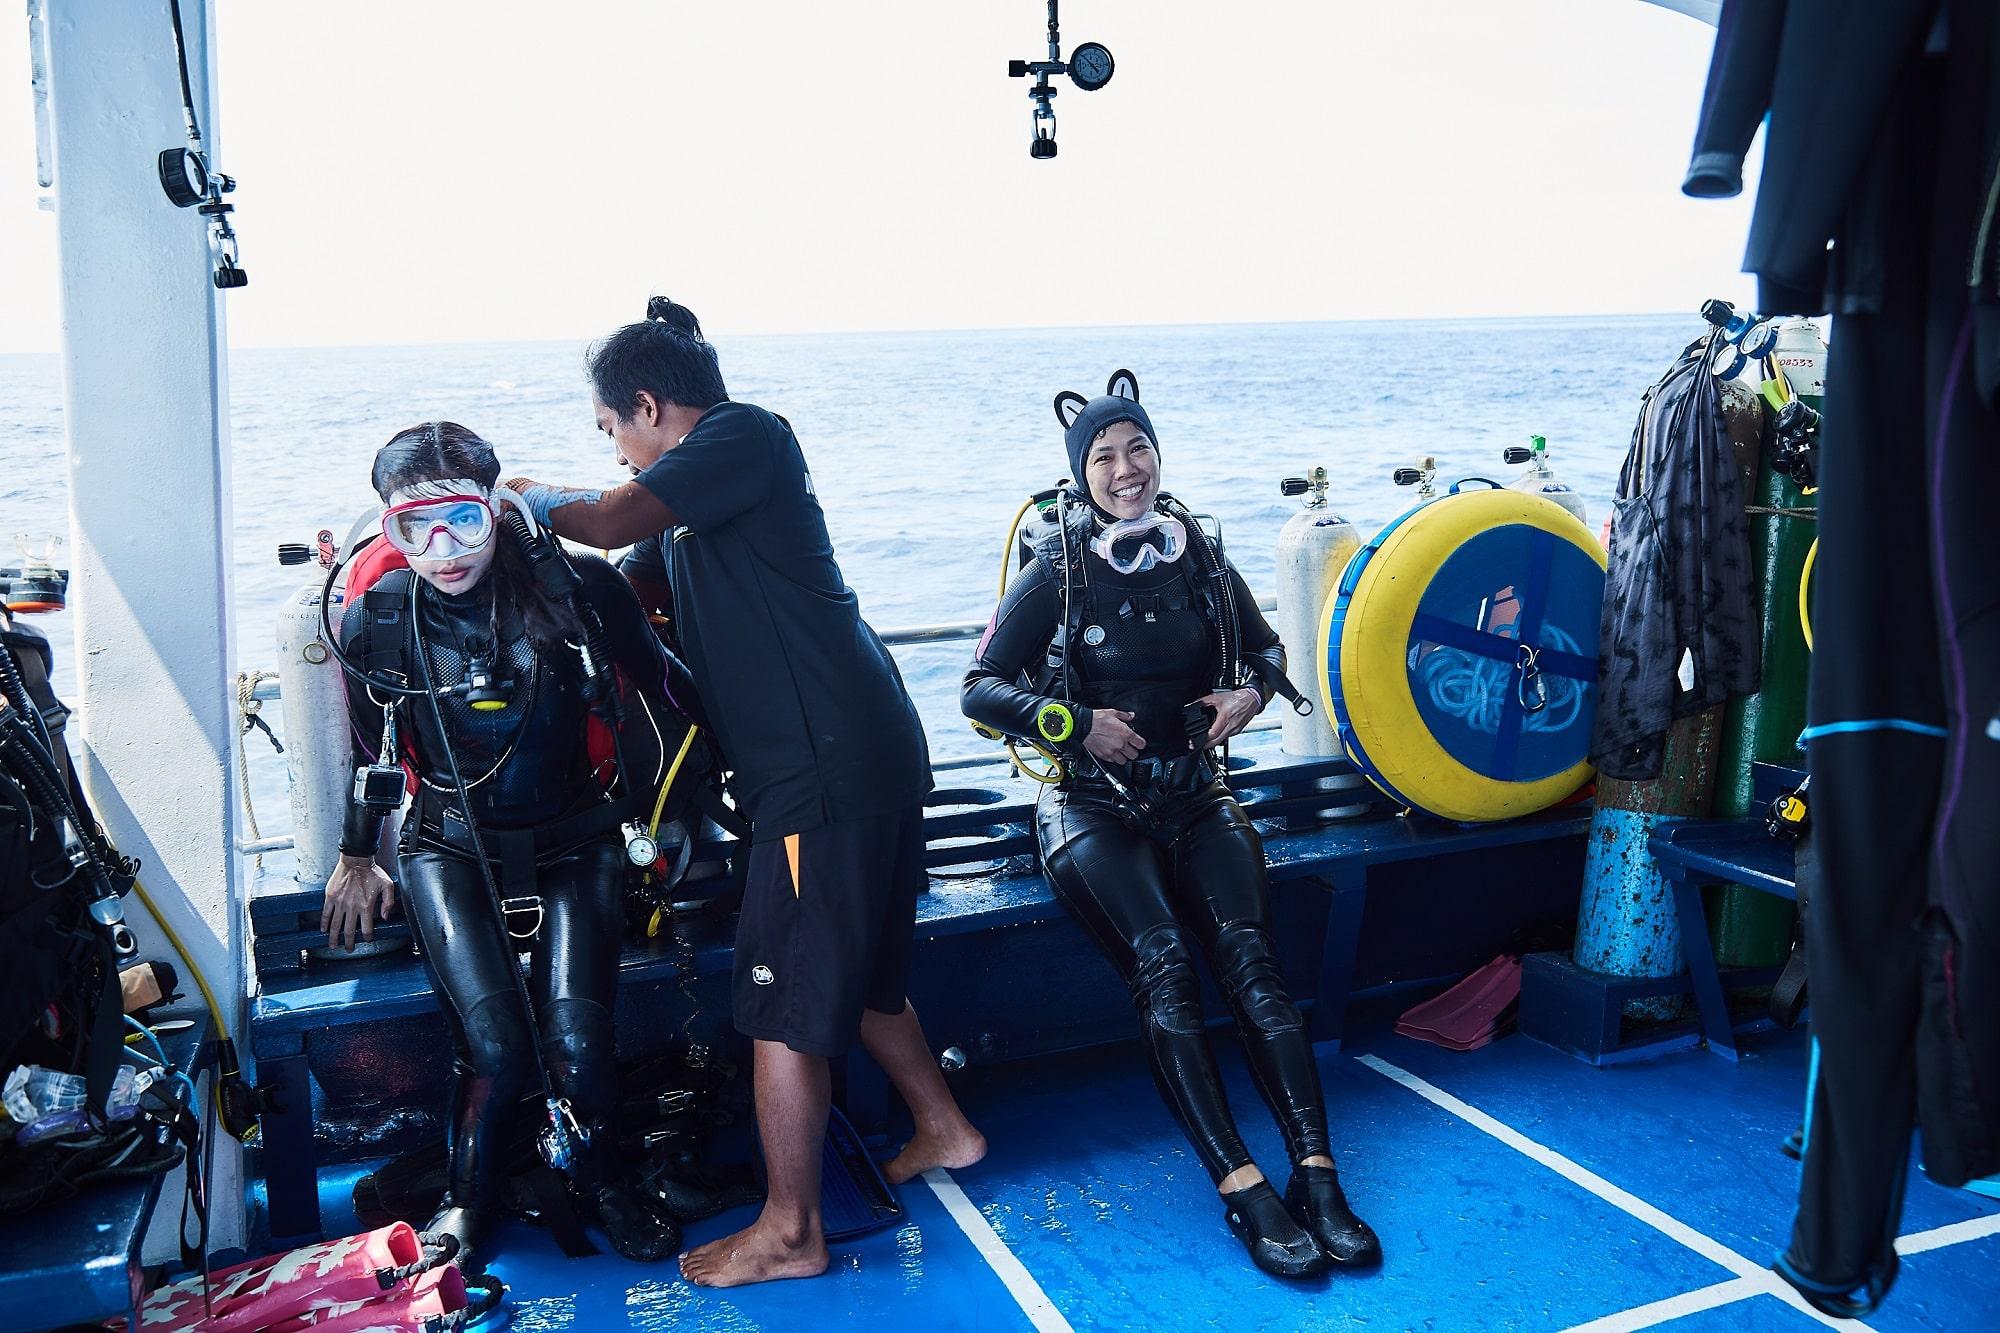 Peterpan dive deck